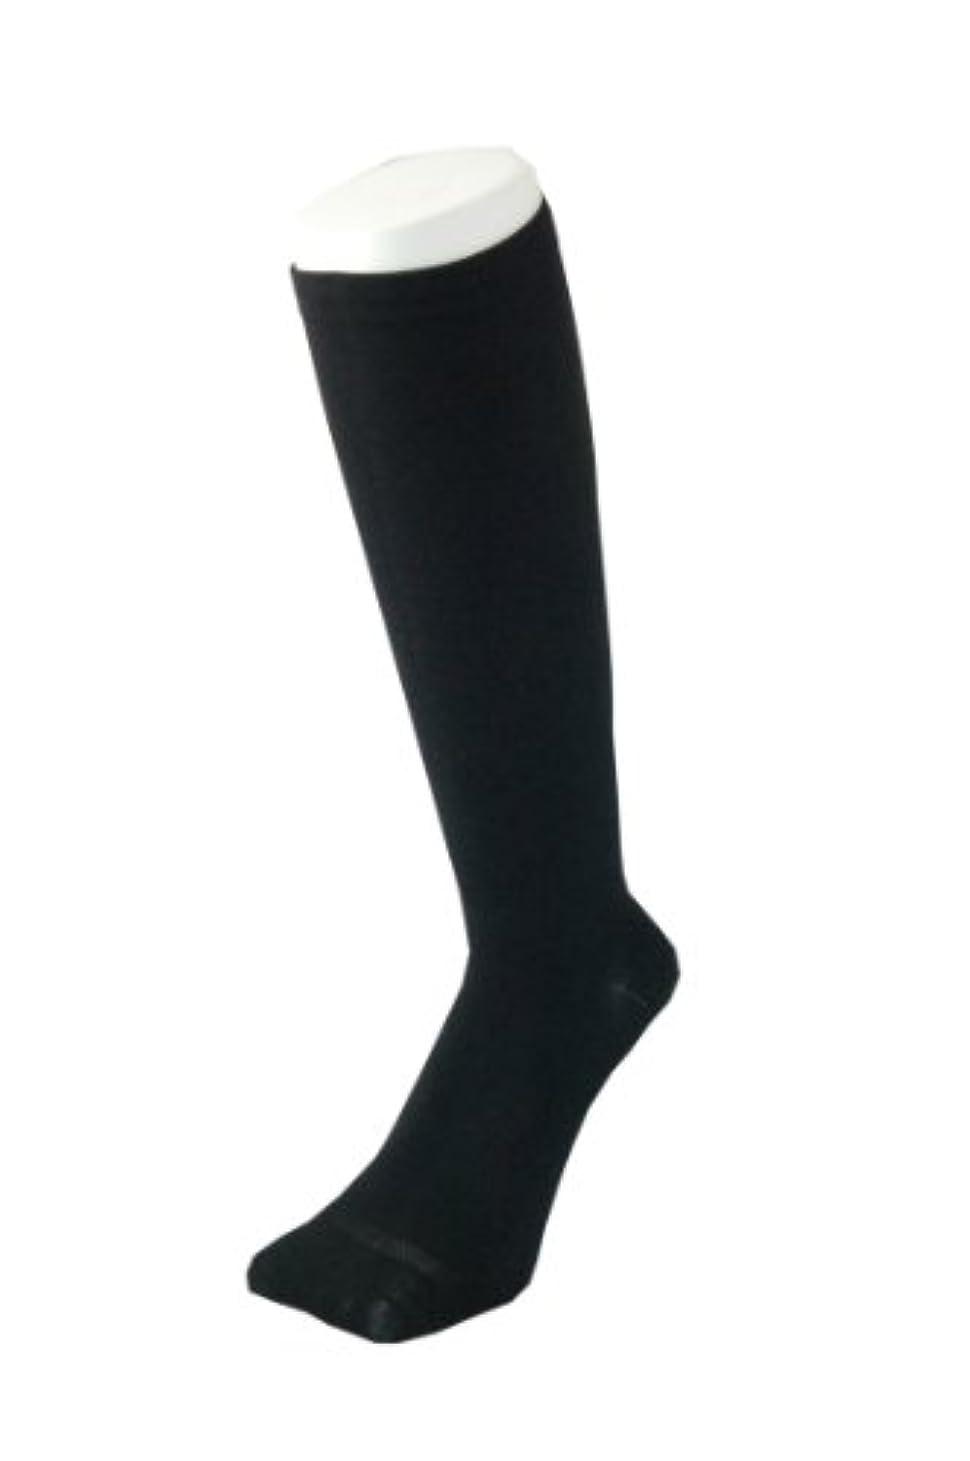 外観から不明瞭PAX-ASIAN 紳士 メンズ 着圧靴下 ムクミ解消 締め付け サポート ハイソックス (抗菌加工) 1足組 #800 (黒)